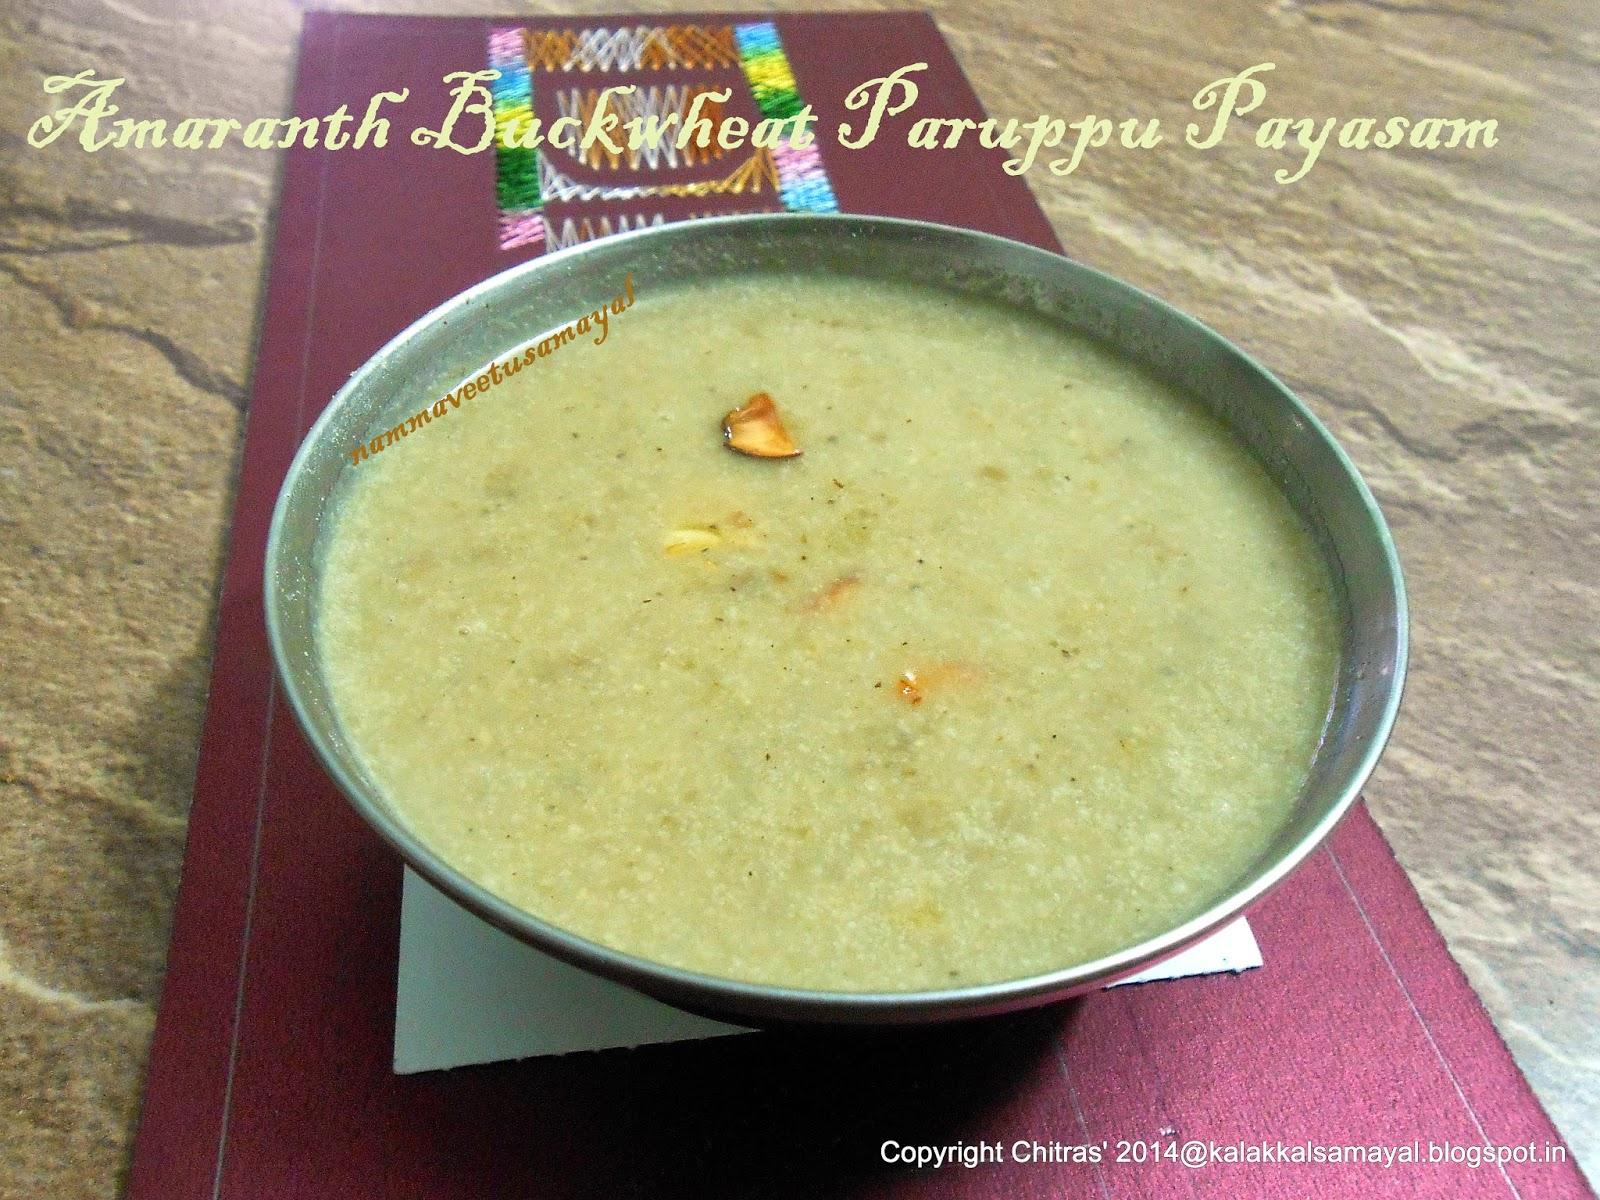 Amaranth Buckwheat Paruppu Payasam